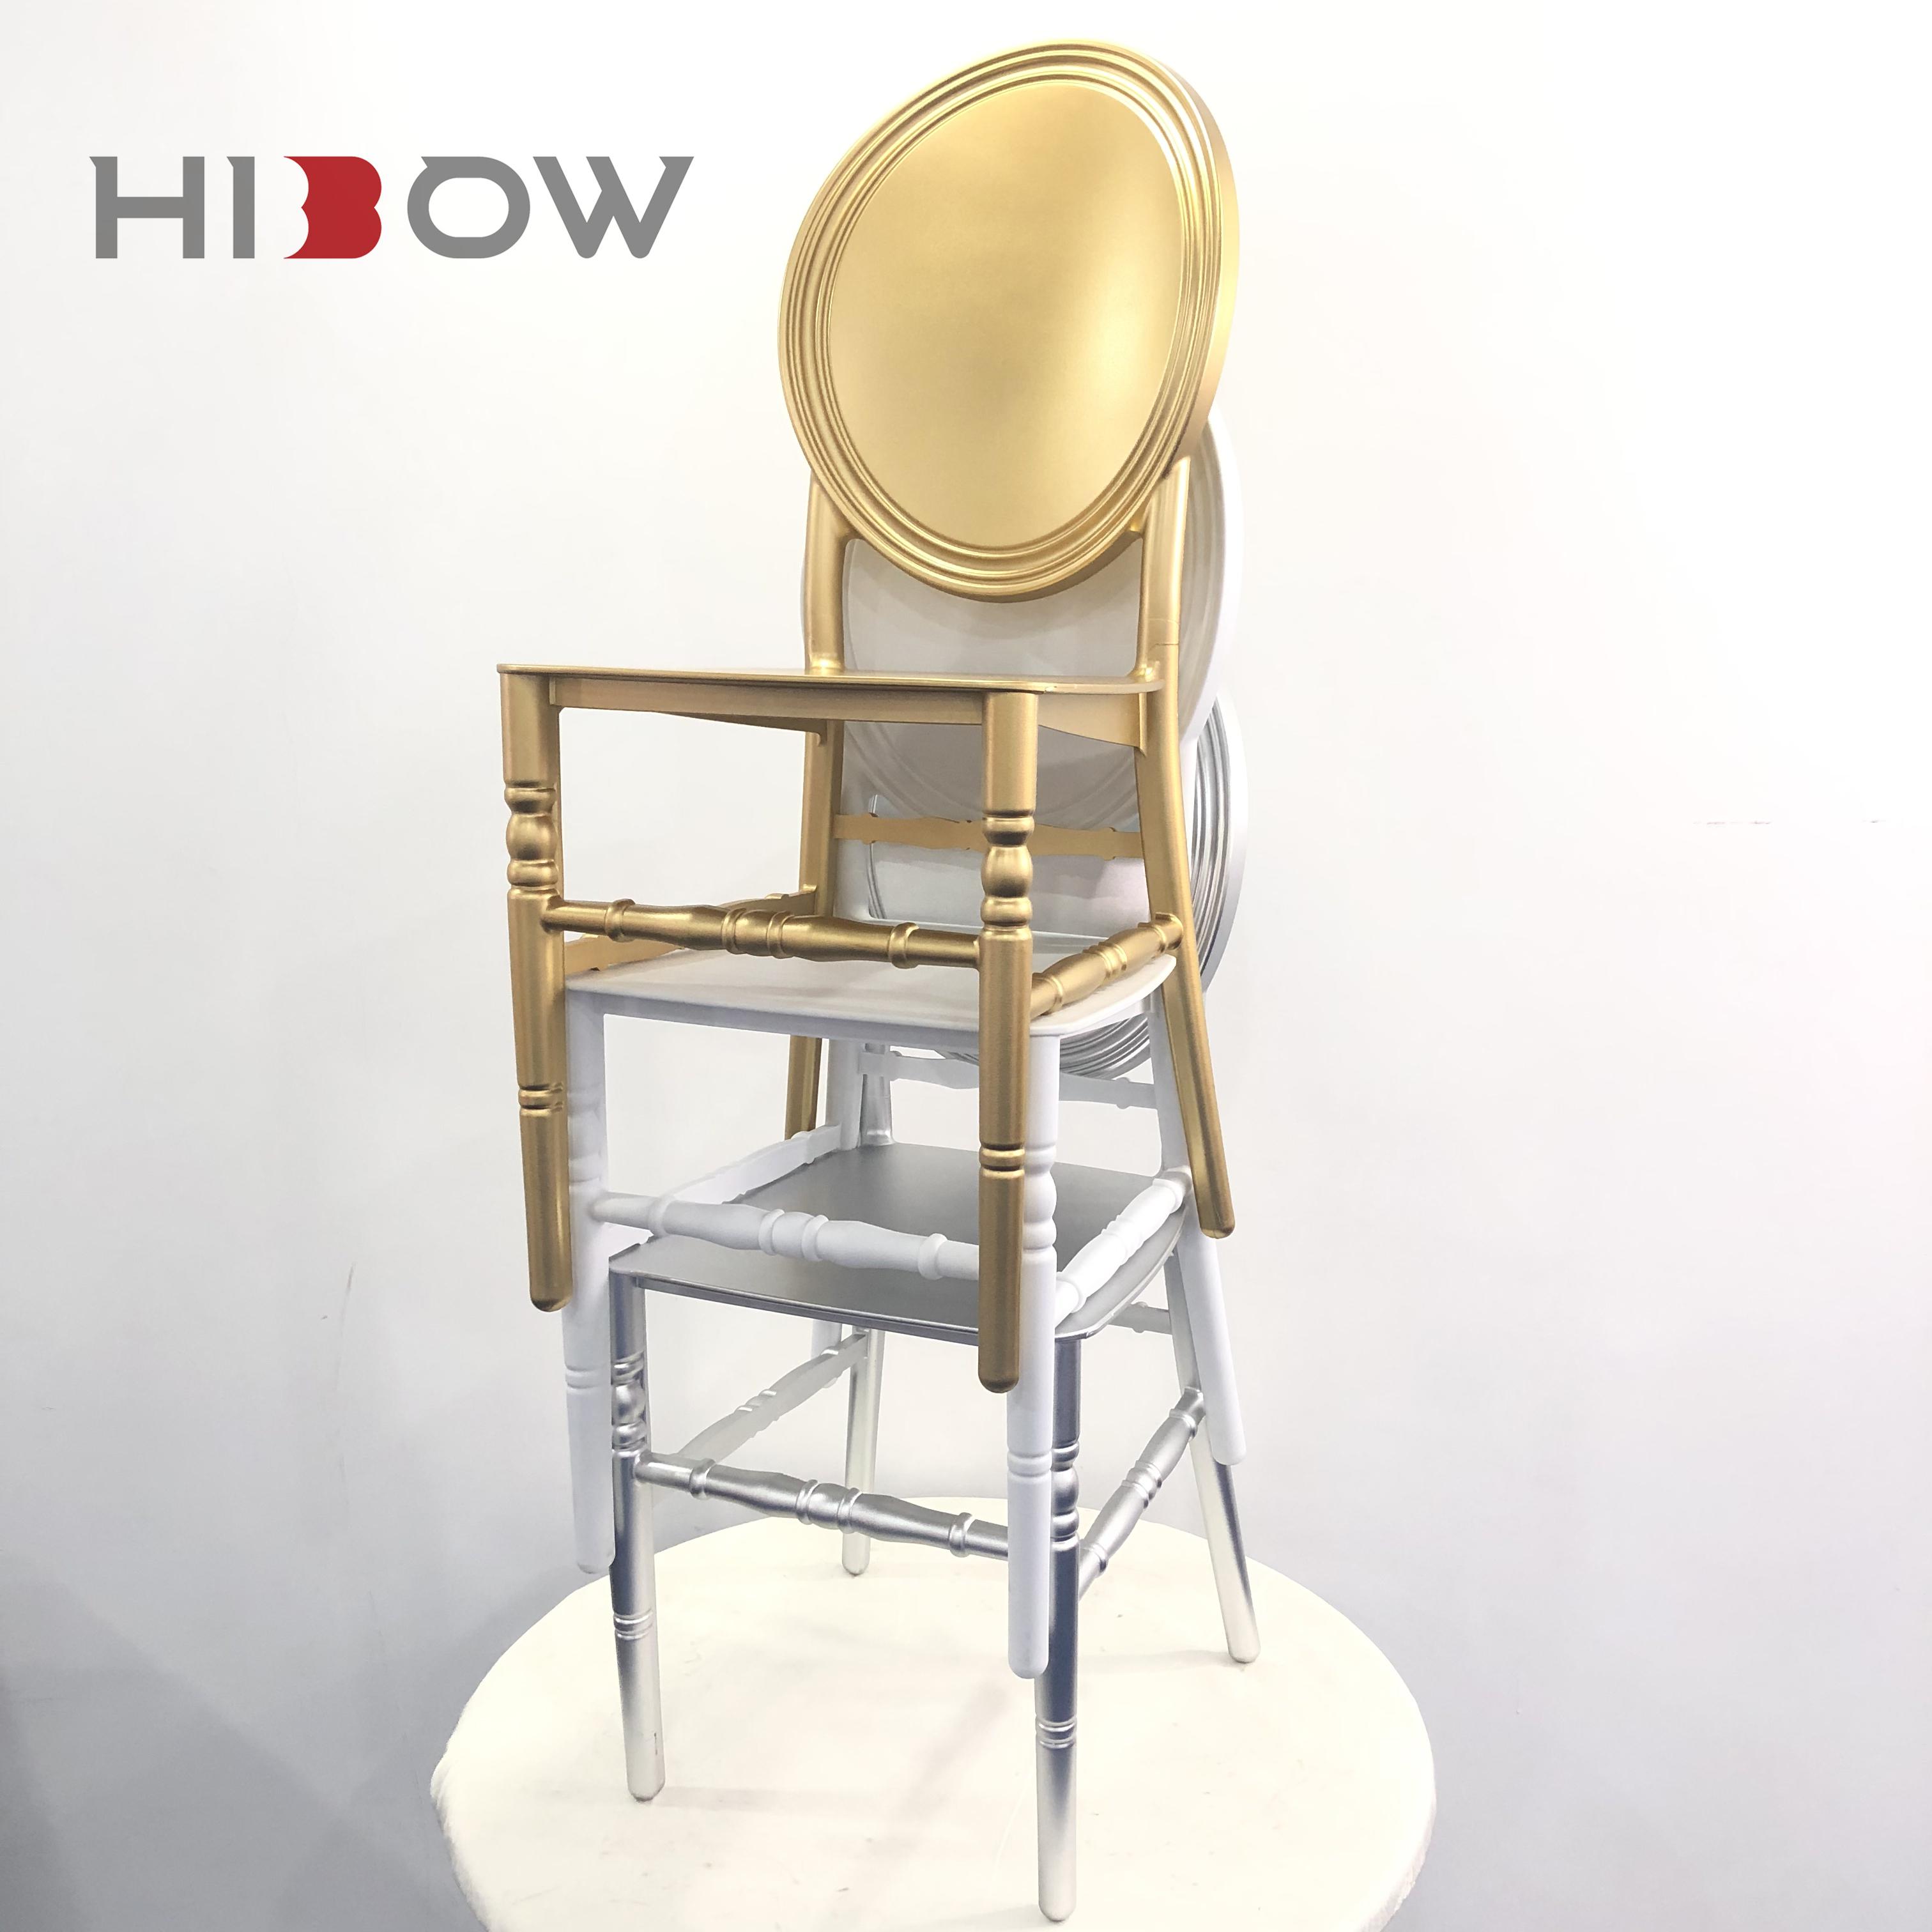 Best Banquette Online: Wholesale Banquet Chair For Sale